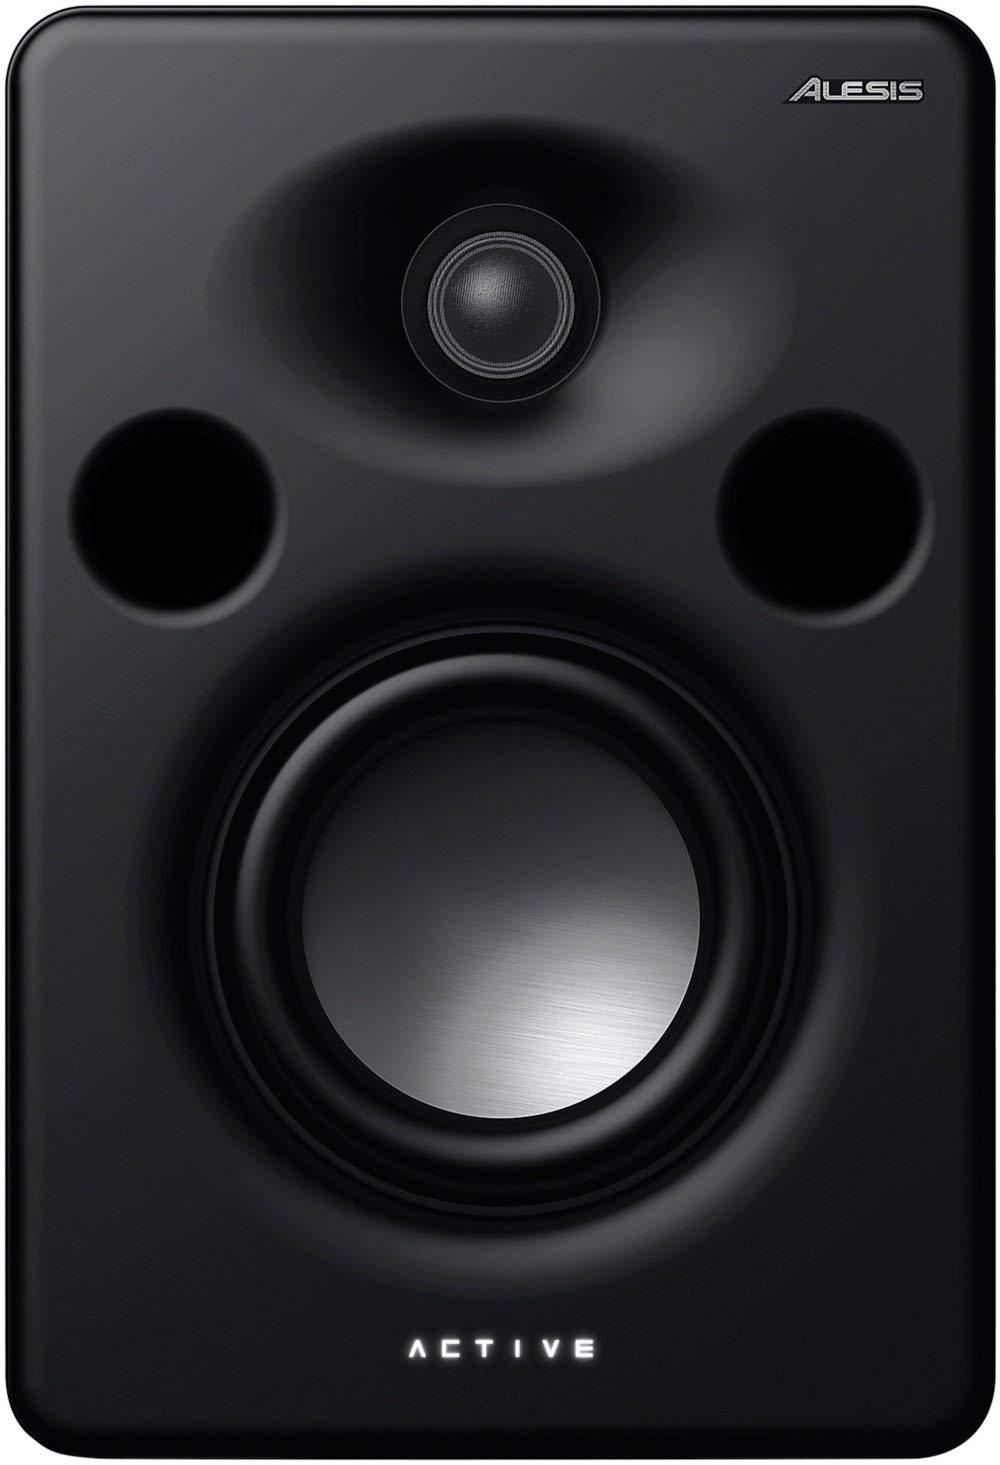 Alesis M1 MK3 | Premium 5'''' Active Studio Monitor